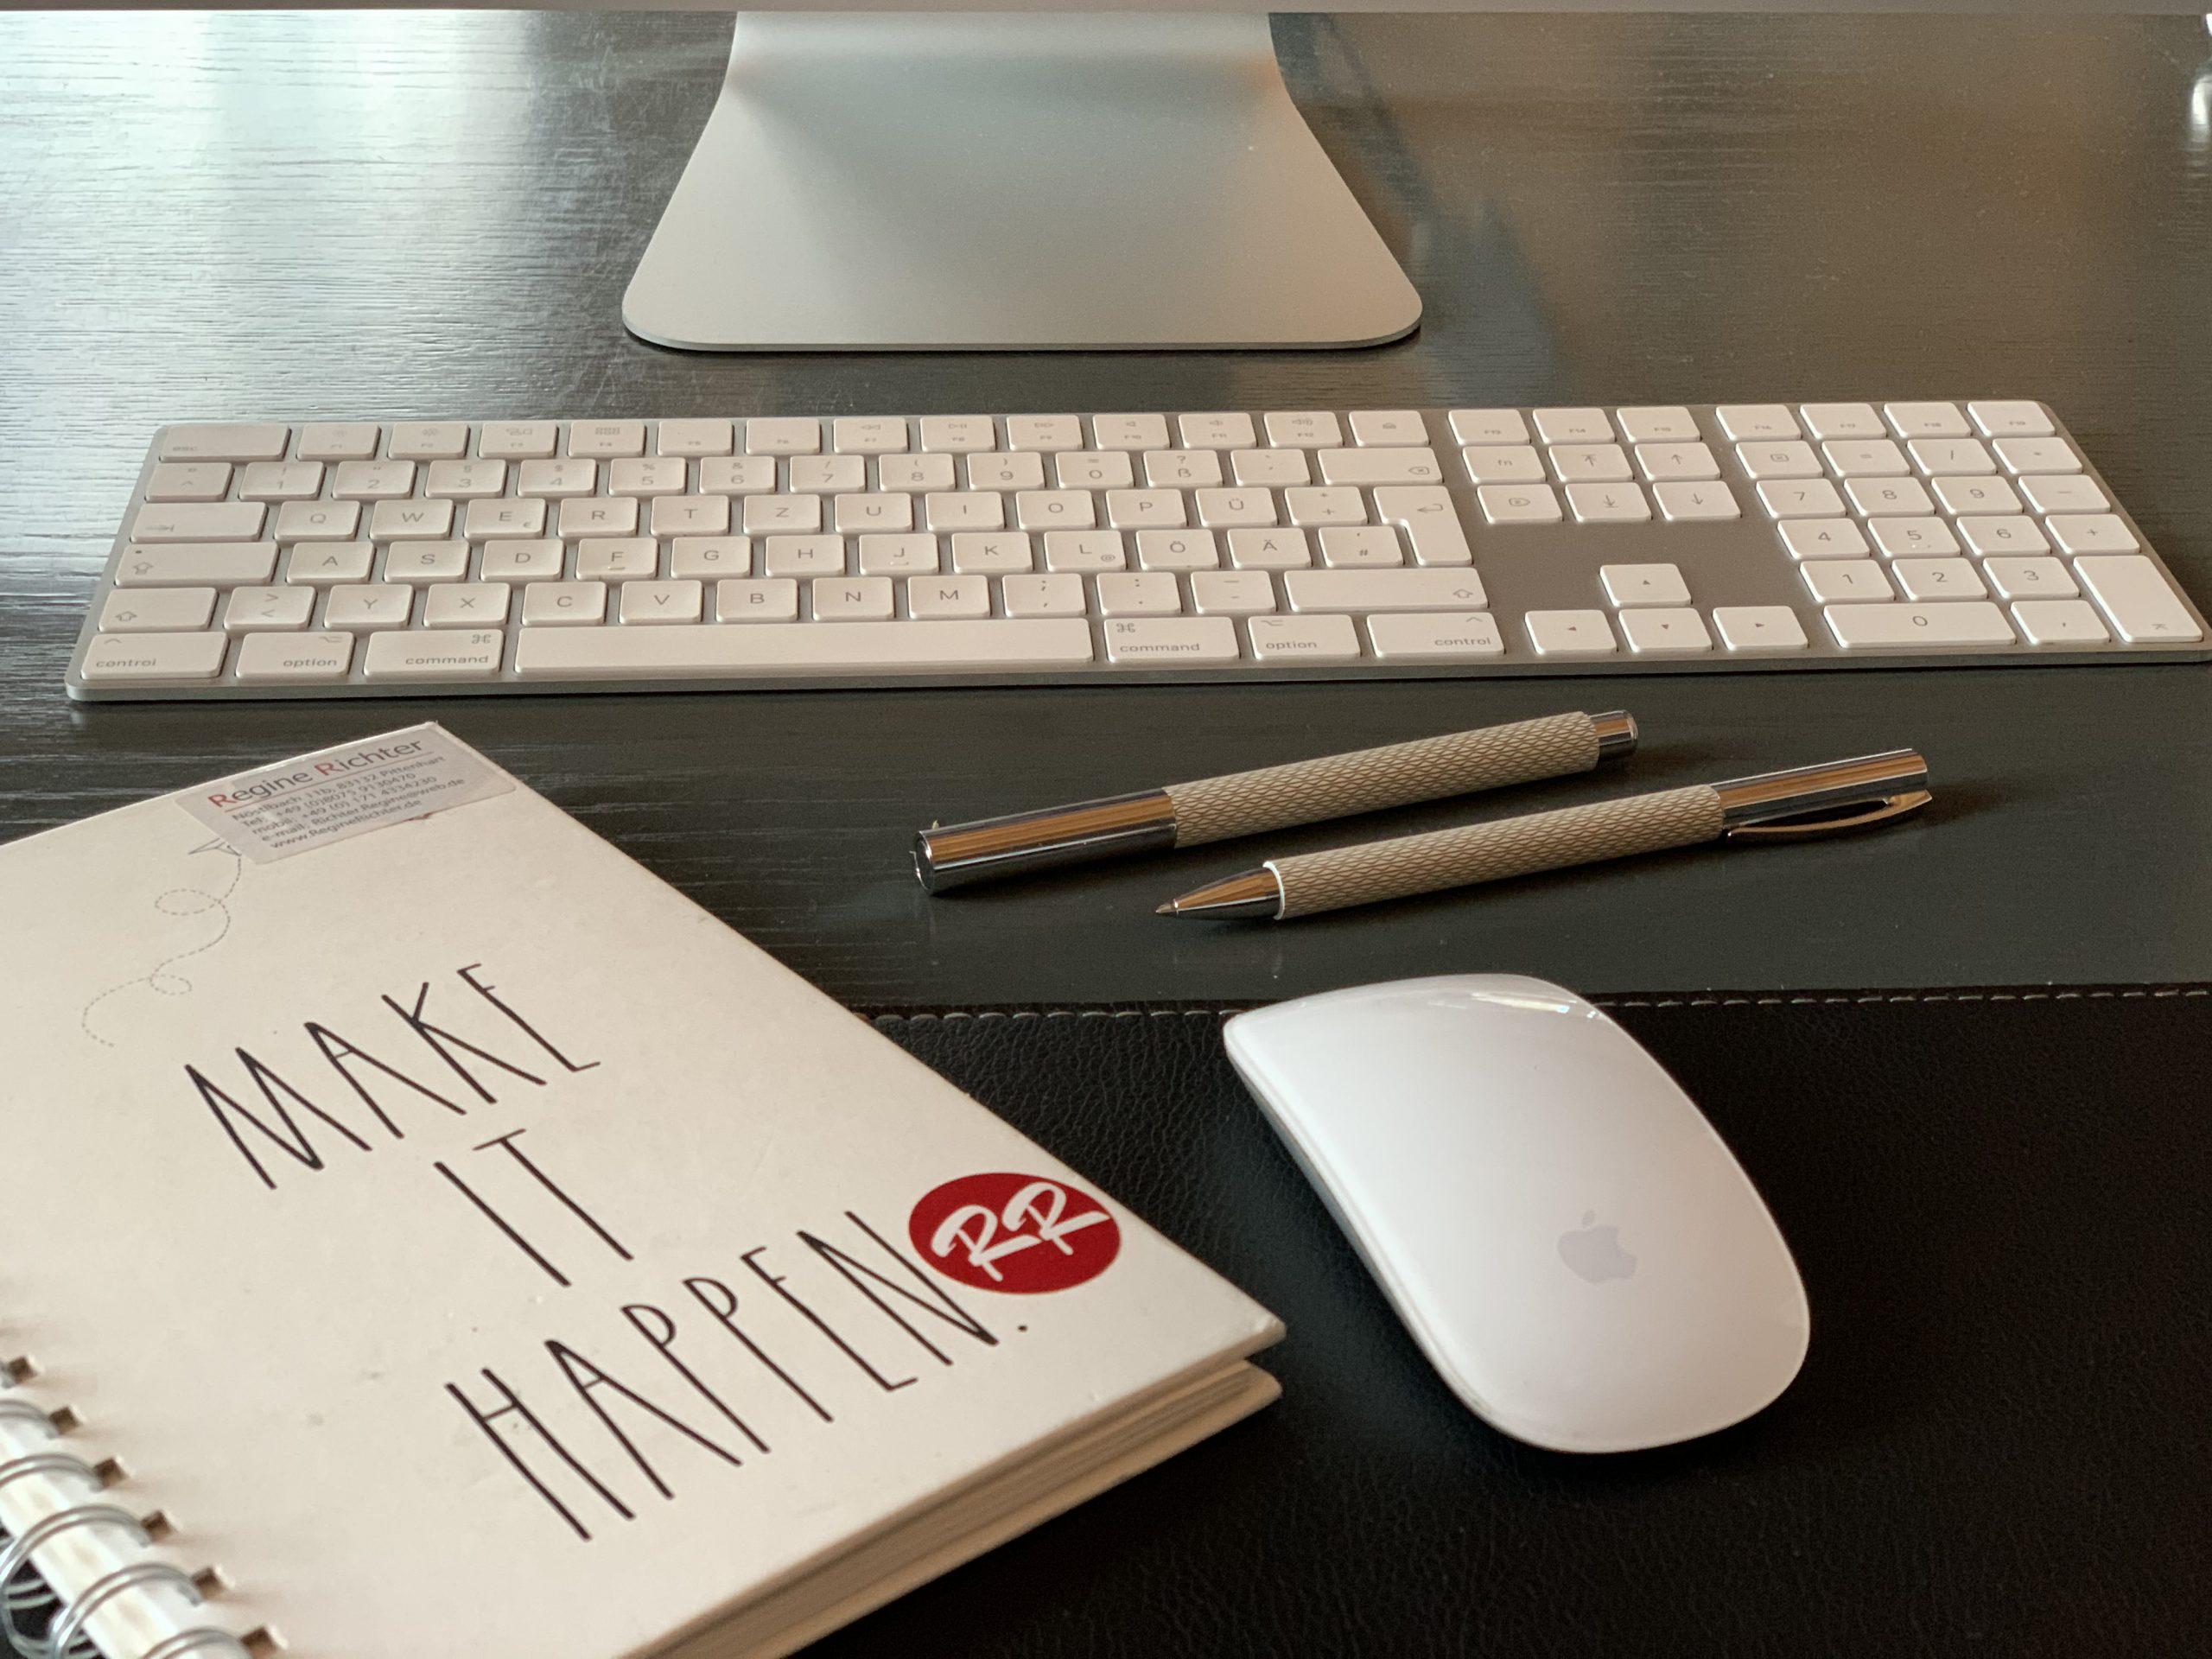 Internetagentur für Web Design, Print Design im Chiemgau